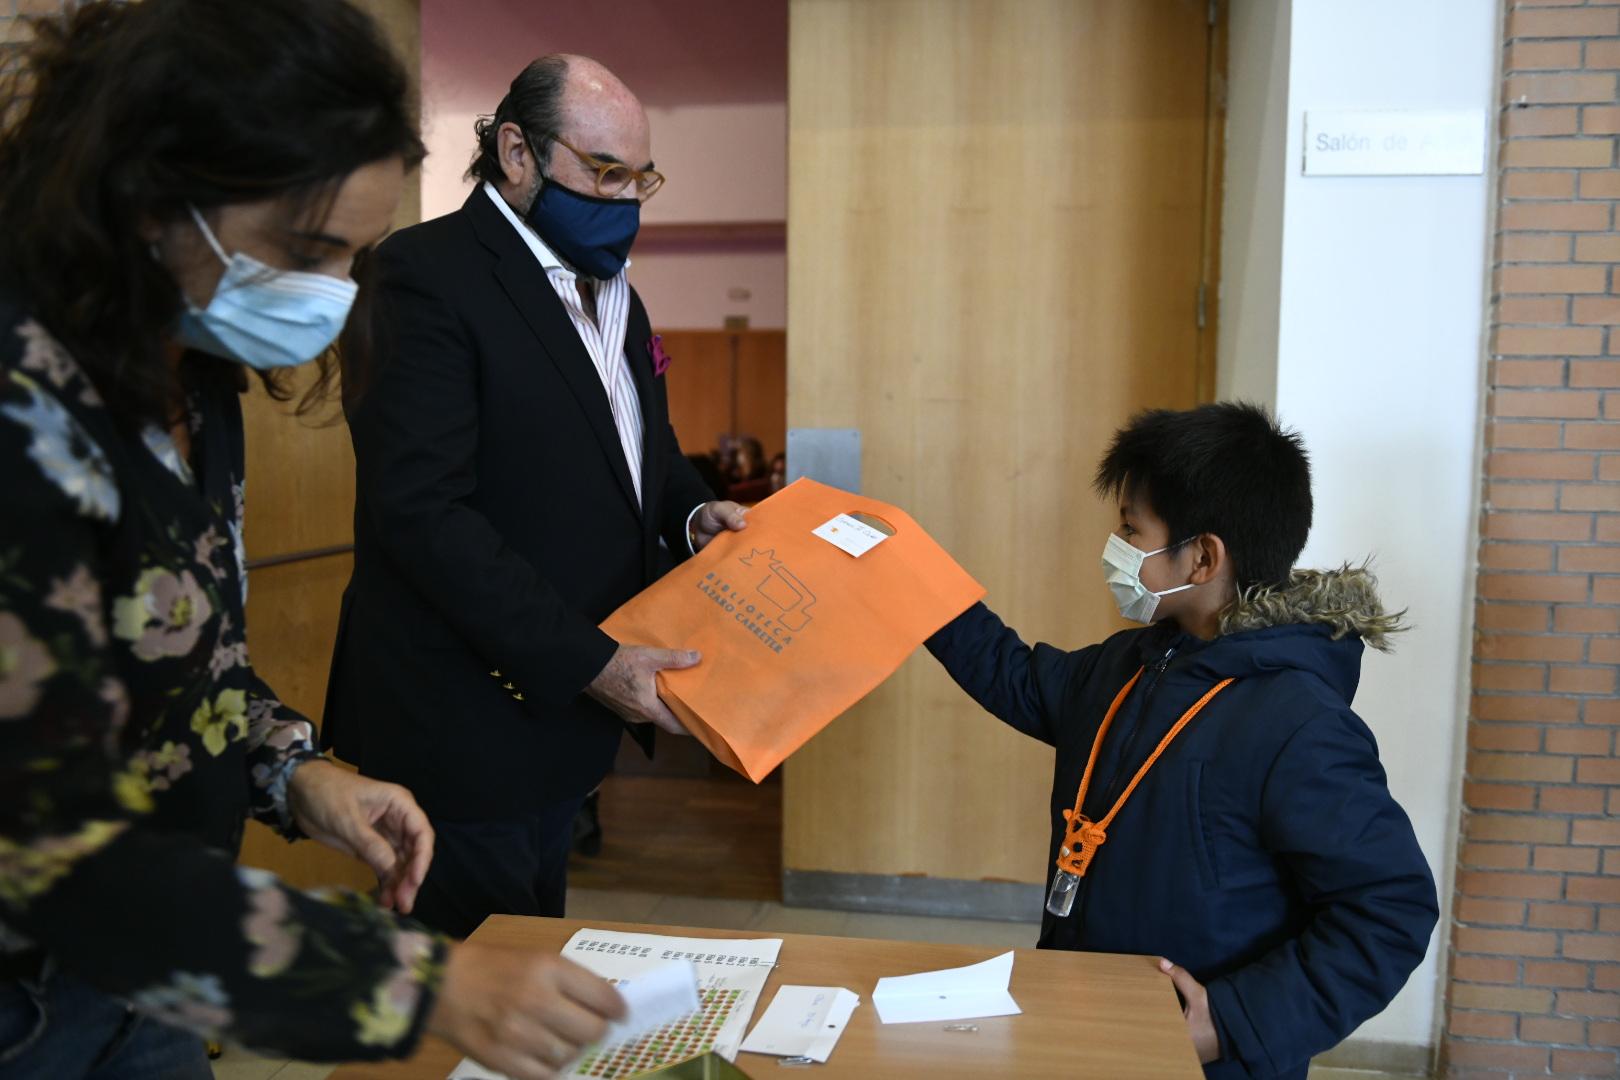 El concejal de cultura entregando el regalo a uno de los participantes.